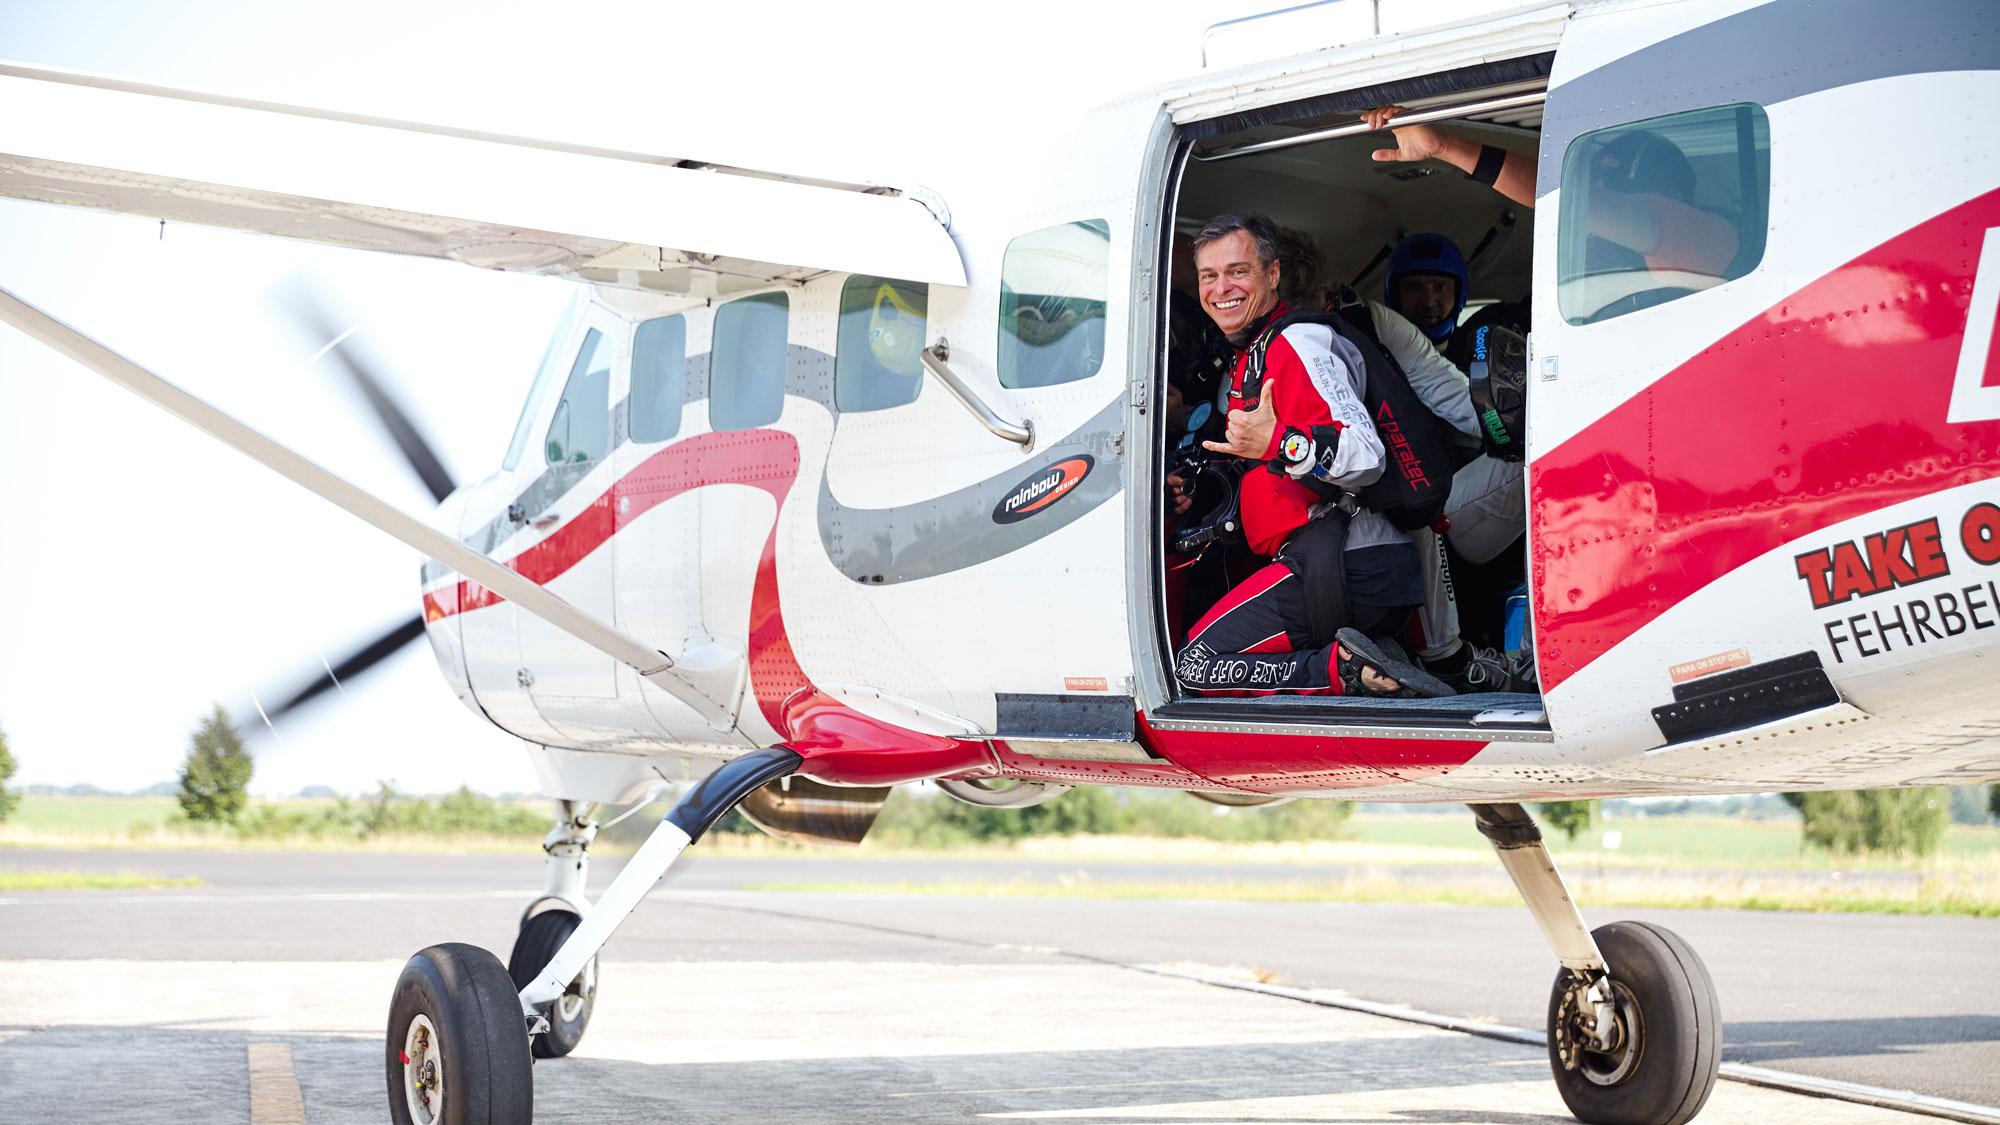 TAKE OFF - Fallschirmspringer in der Tür der hauseigenen Cessna Grand Caravan D-FUMP